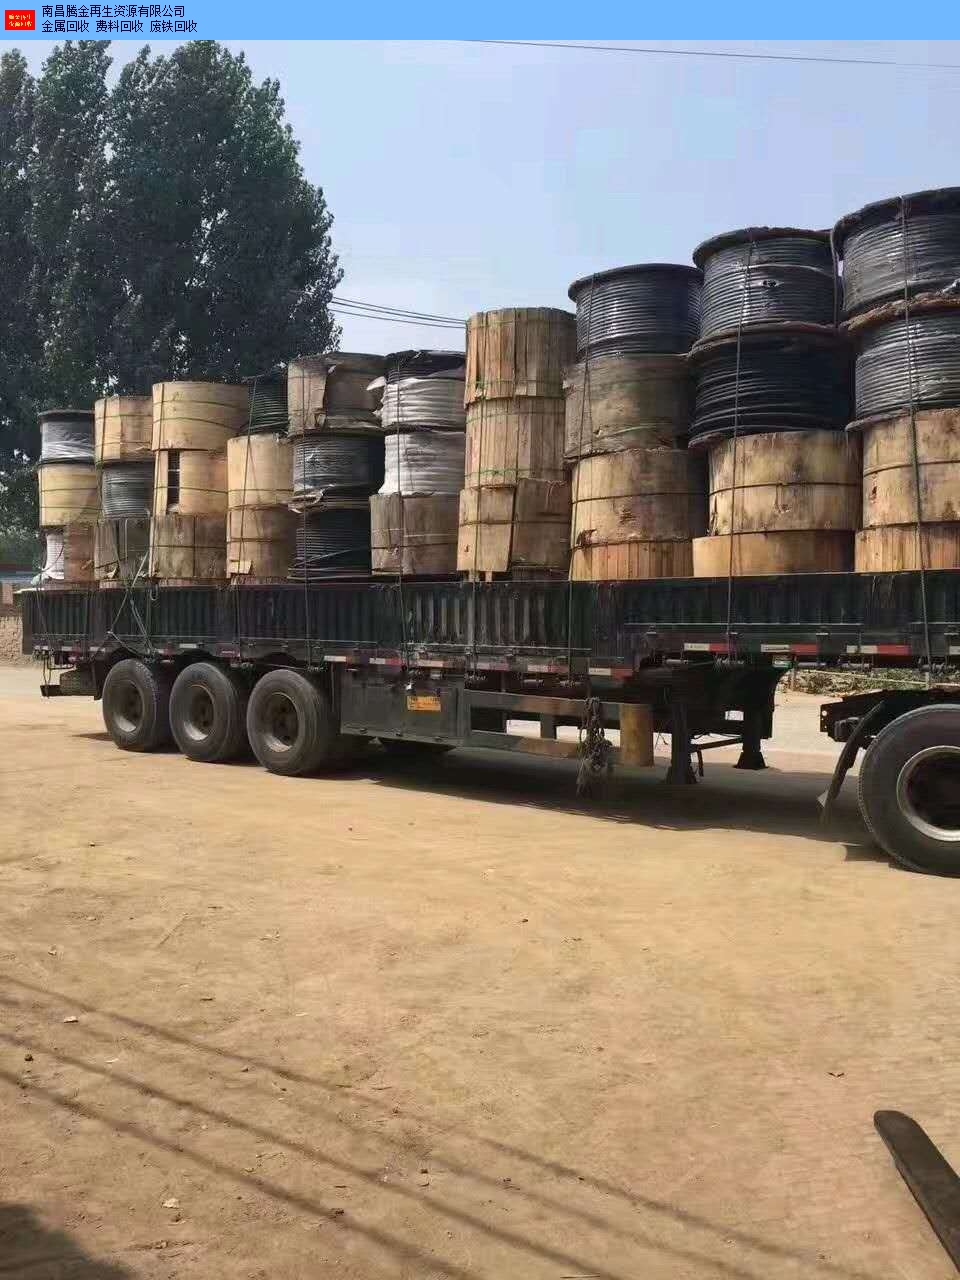 南昌县生活废纸回收多少钱 和谐共赢 南昌腾金再生资源供应